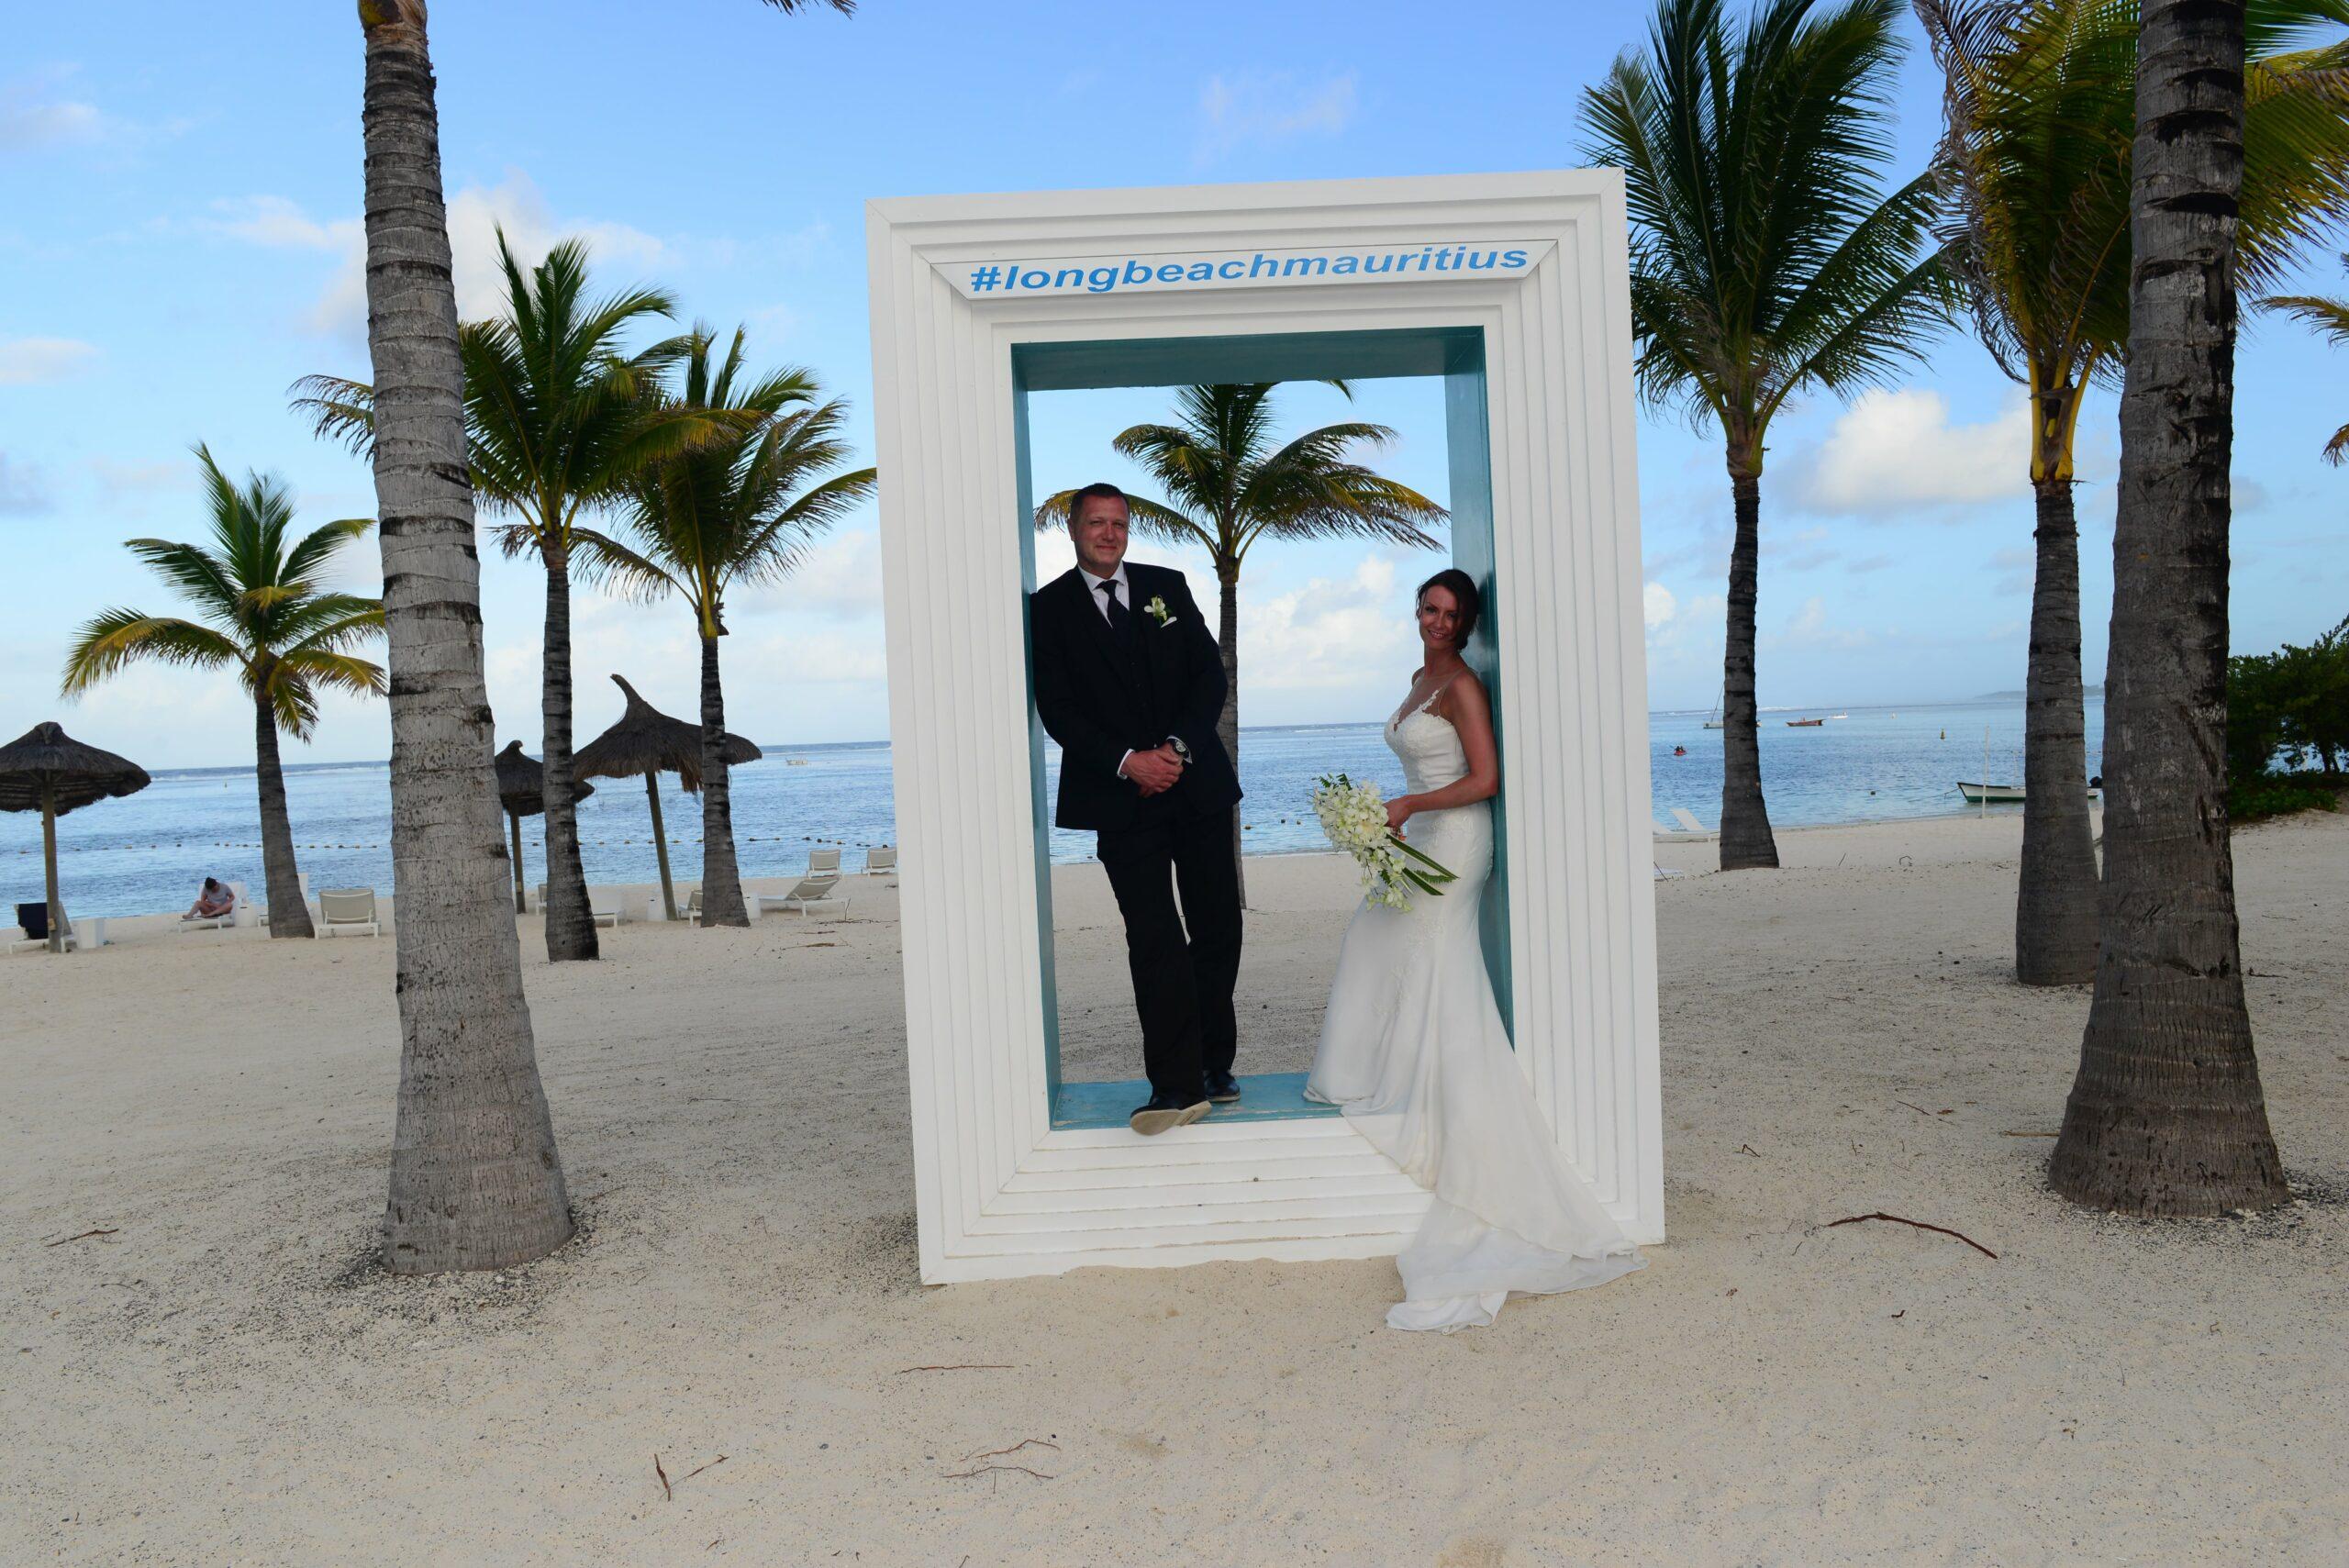 Steve Howey Karen Fletcher Mauritius 2017 WeddingsAbroad.com